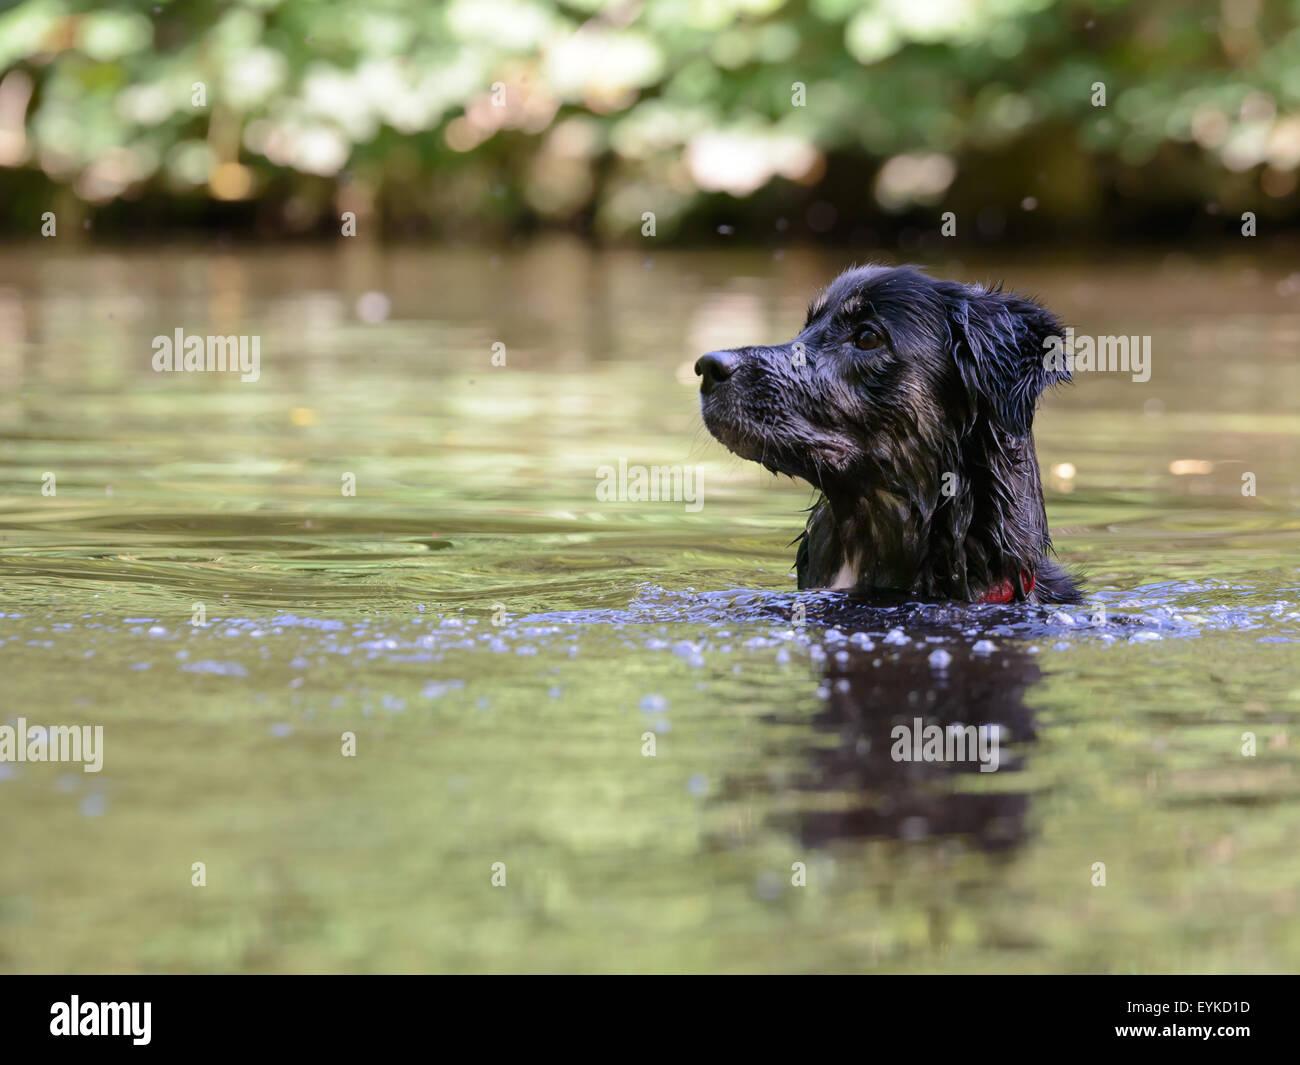 Collie Kreuz Hund schwimmen im See warten auf Spielzeug geworfen werden Stockbild